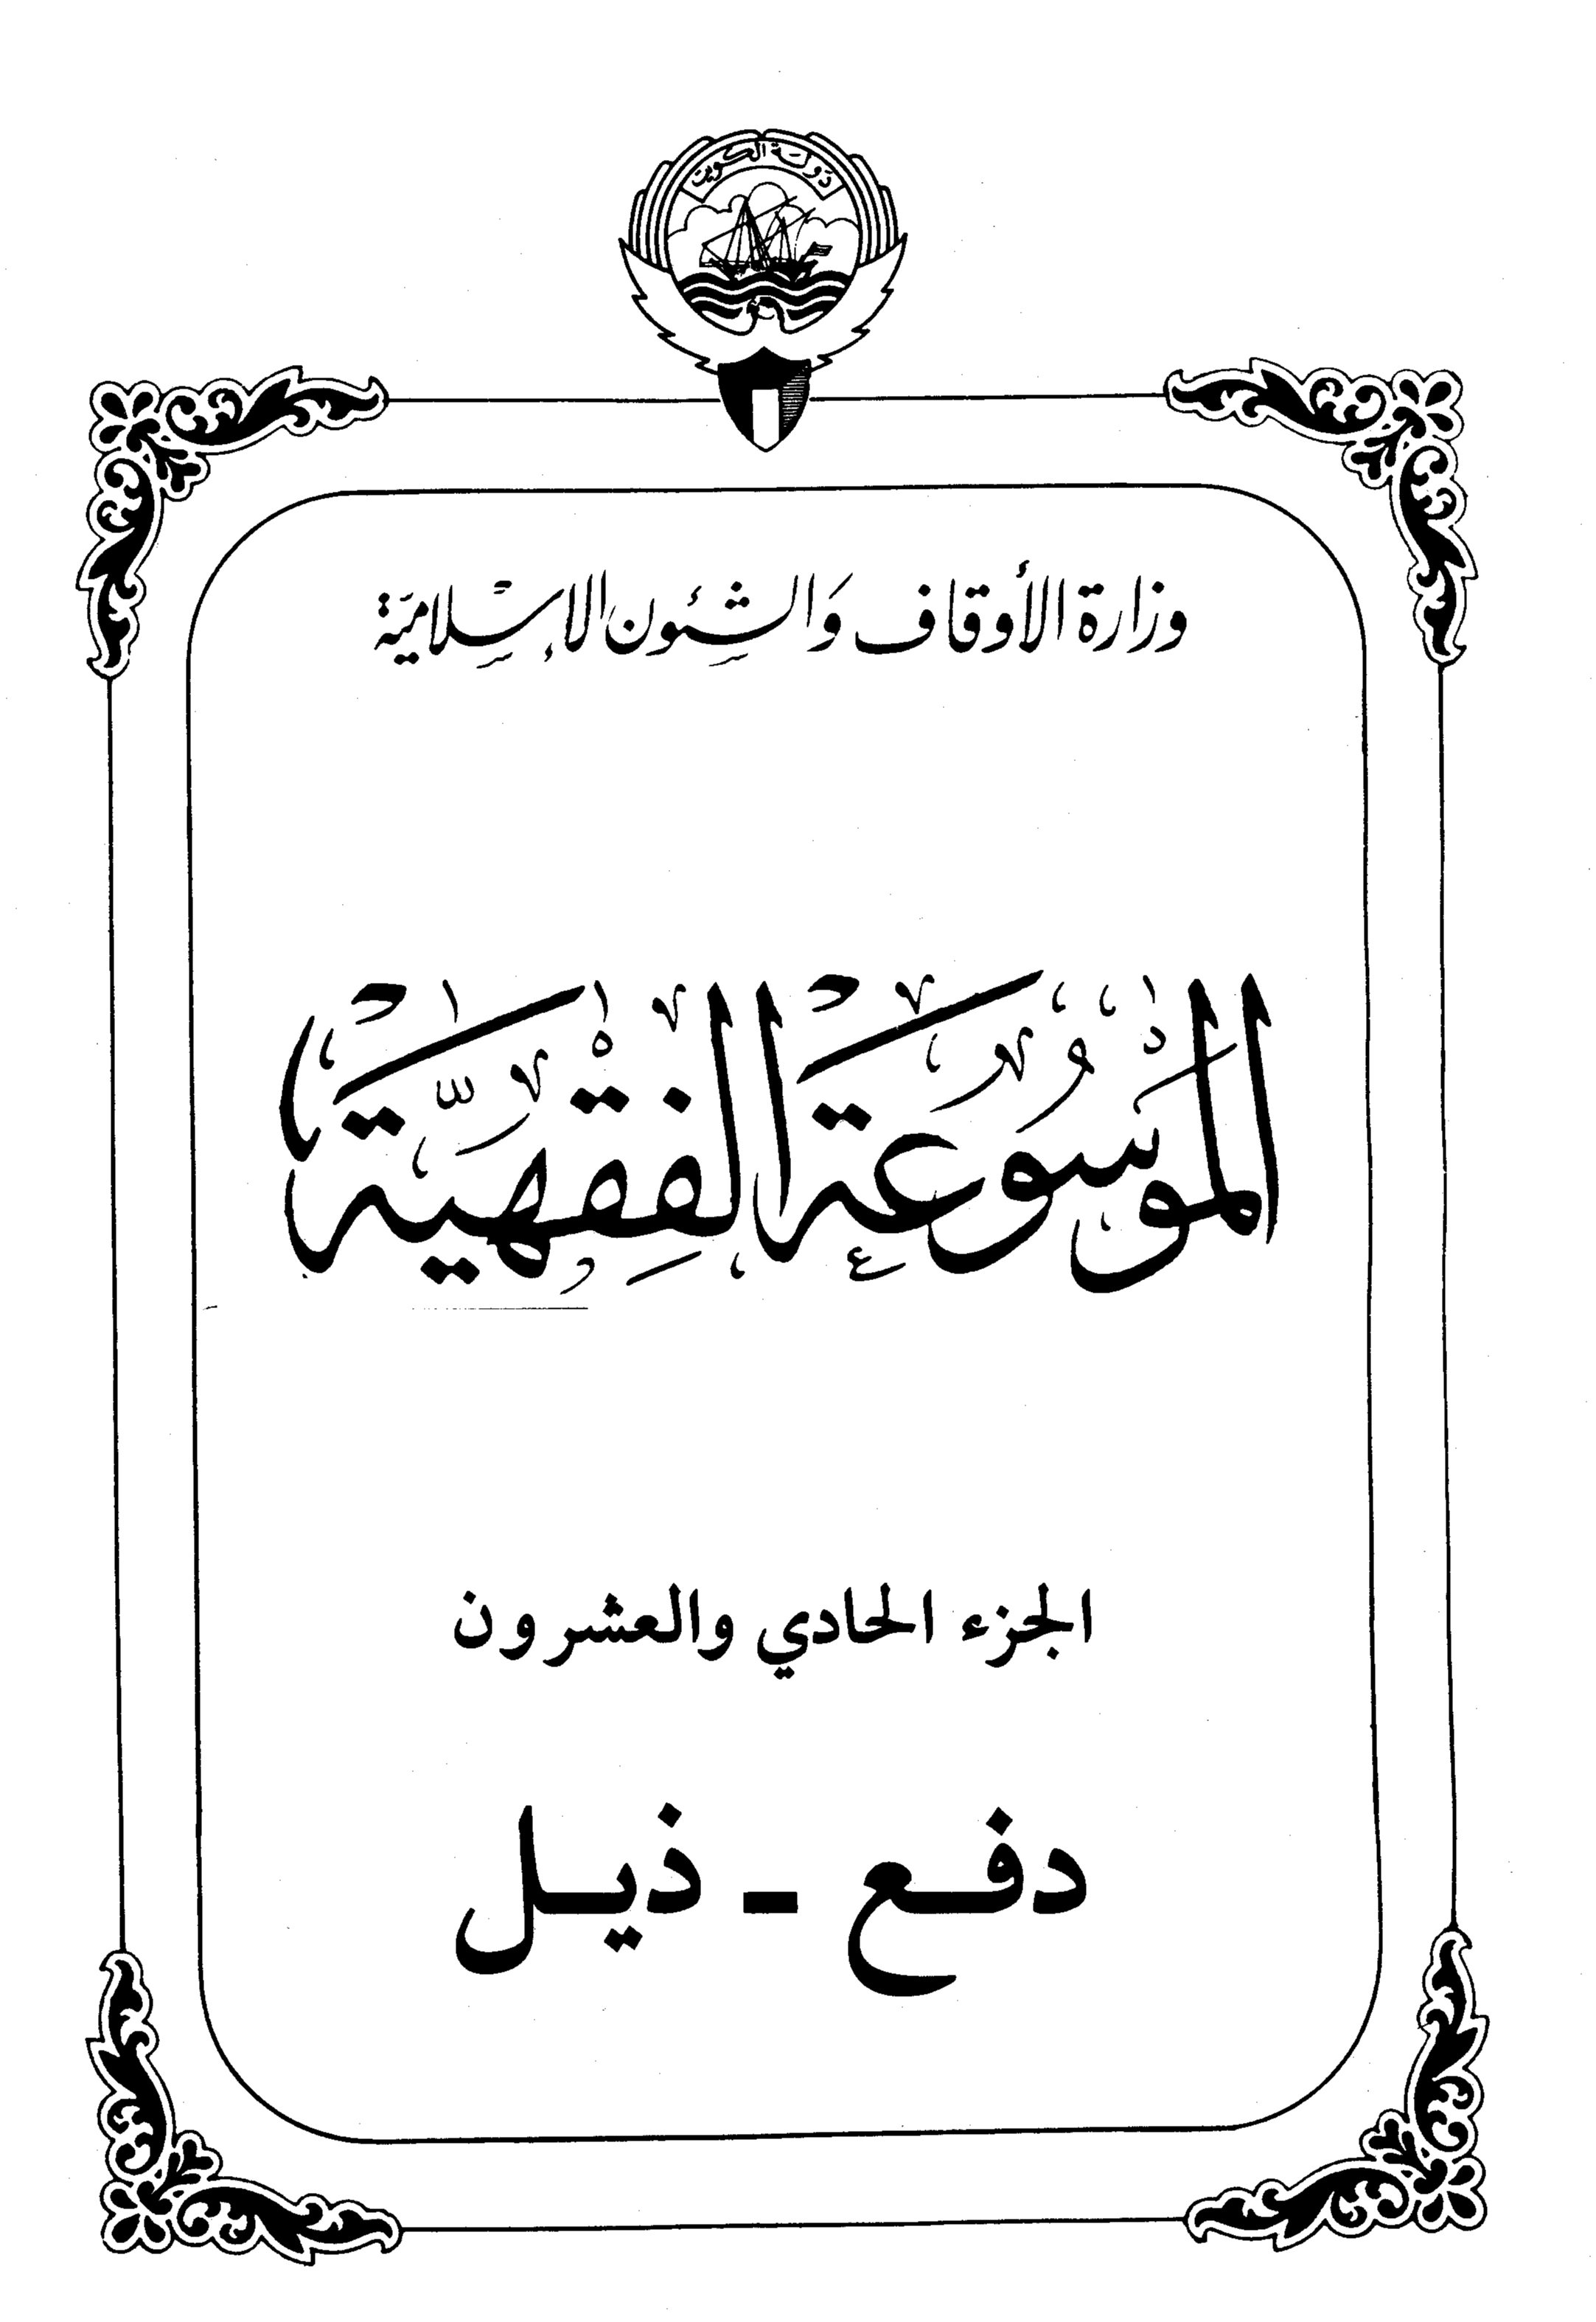 الموسوعة الفقهية الكويتية- الجزء الحادي والعشرون (دفع - ذيل)